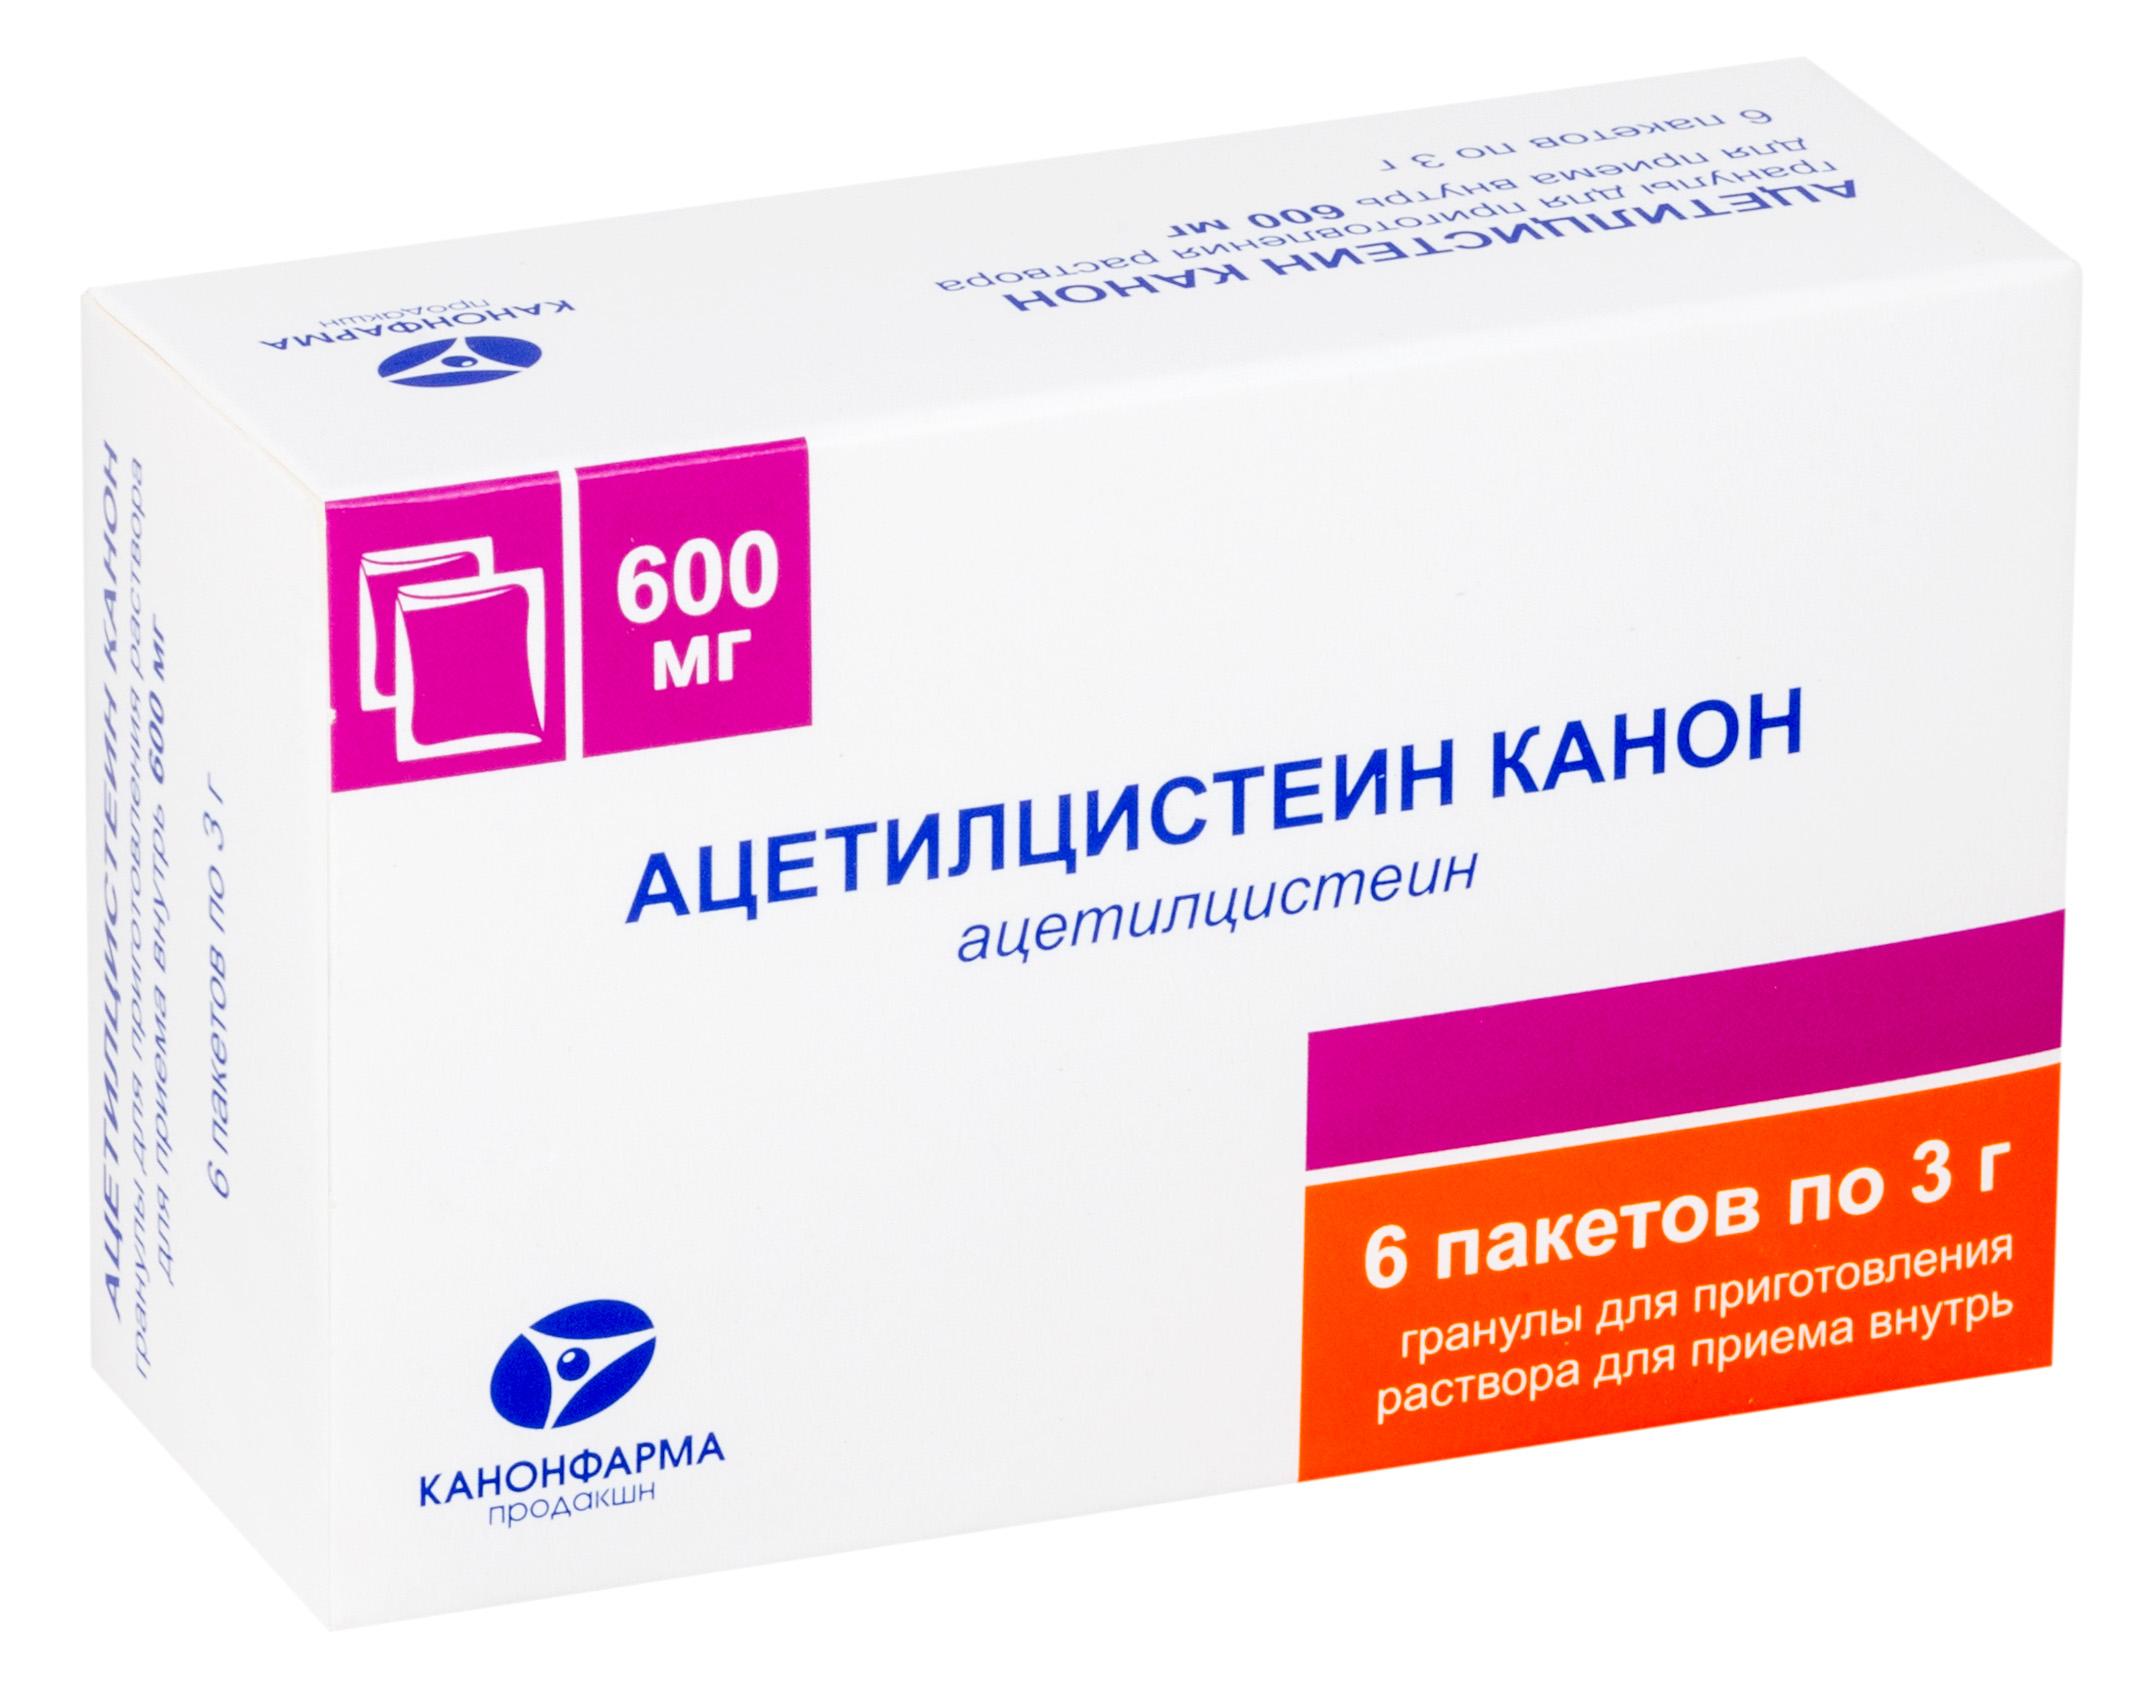 Ацетилцистеин канон гран. д/пригот. р-ра д/приема внутрь 600мг №6